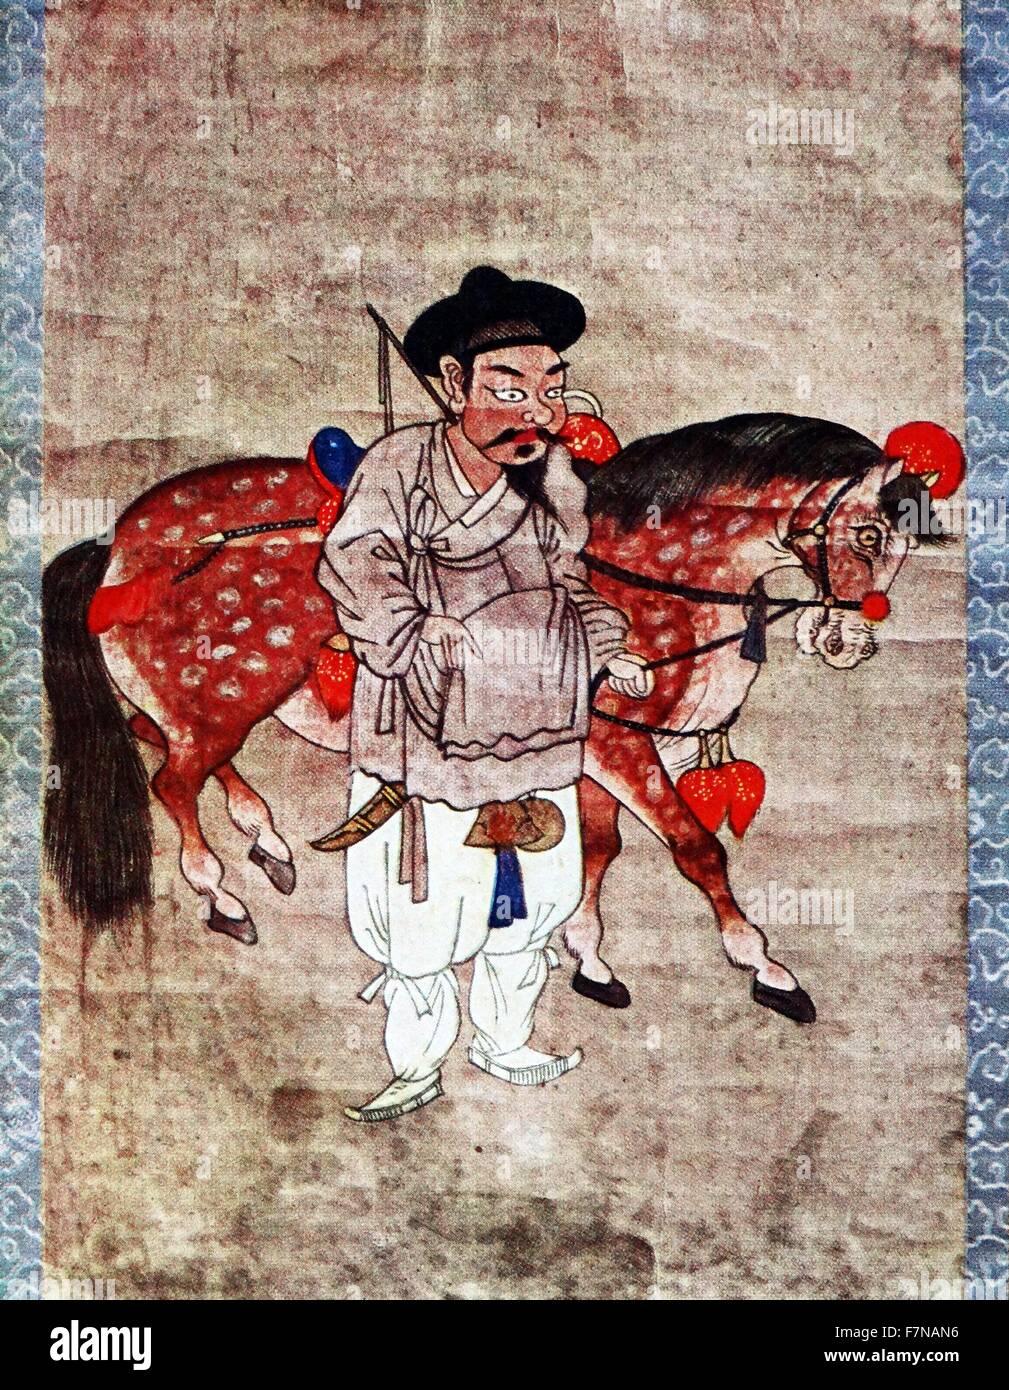 17 Jahrhundert Bild Architektur: Koreanische Gemälde, Einen Bauer Sein Pferd Führen; 17